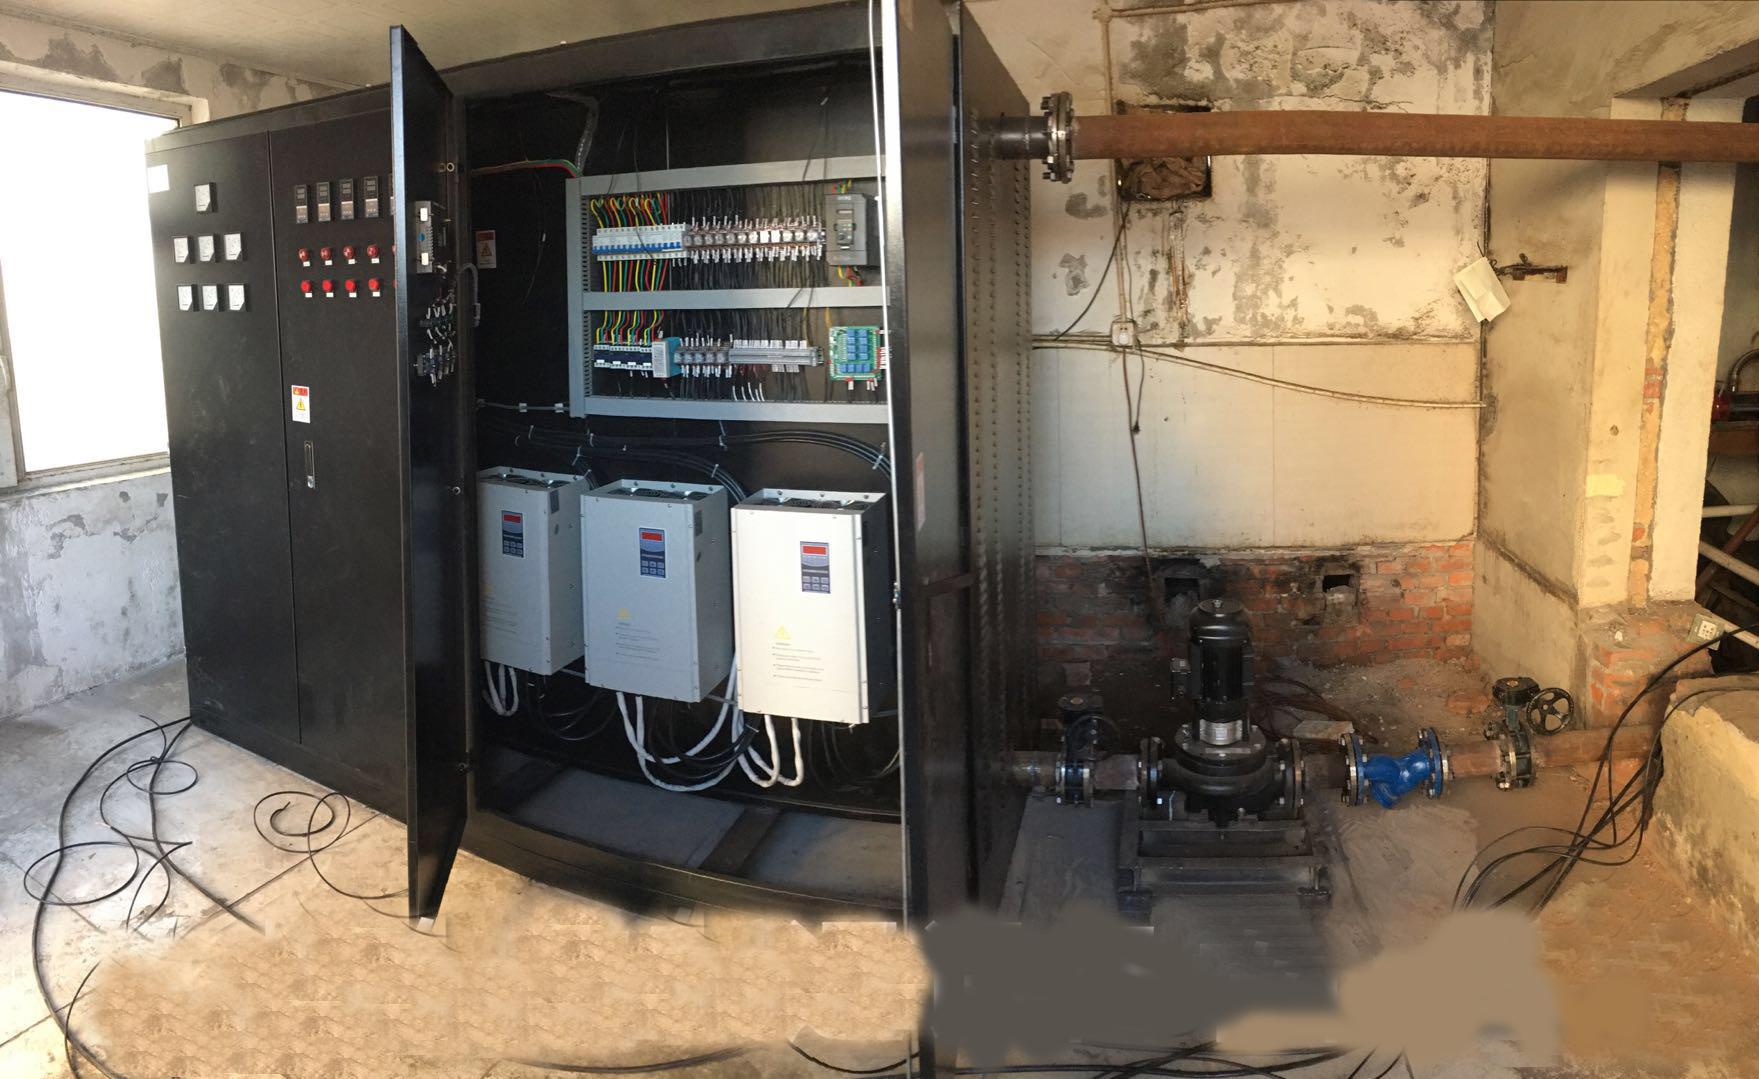 吉林市某商砼站300KW电磁采暖